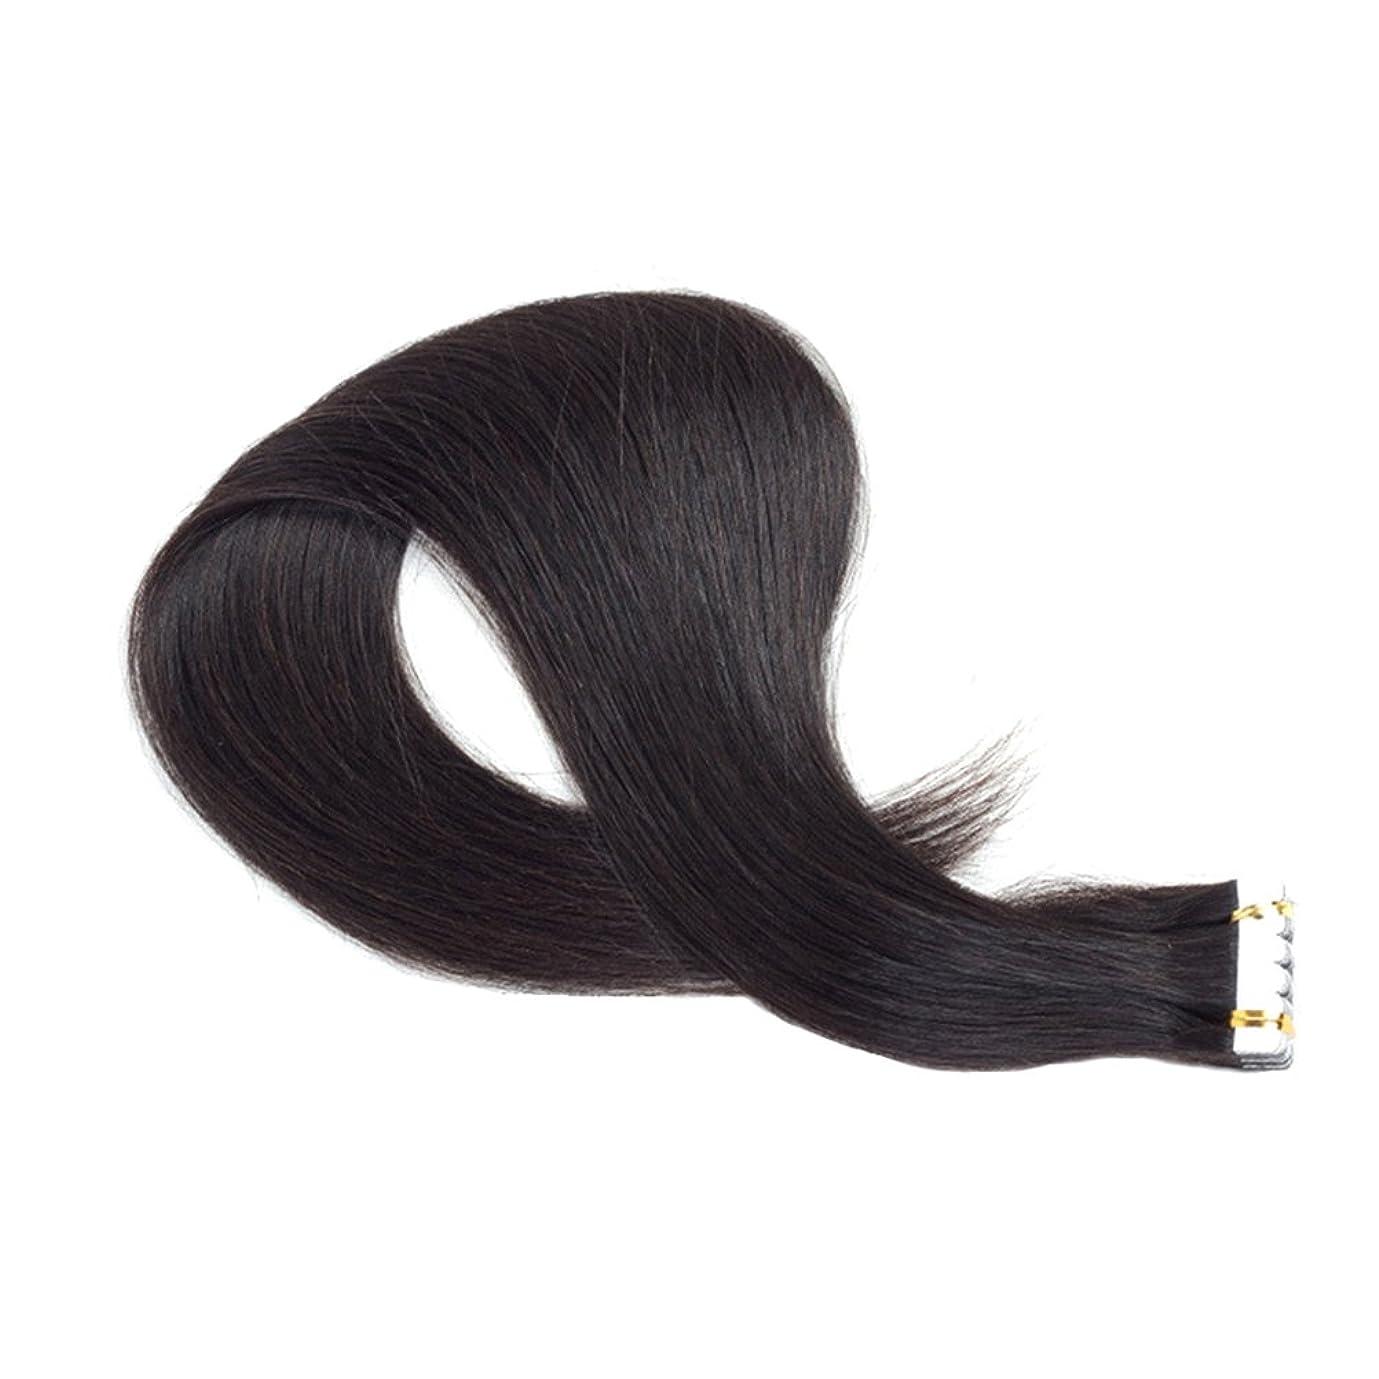 キャプション使い込む宿命Healifty 女性のための本物の人間の毛髪延長絹のようなストレートのヘアーテープ(黒レミーの髪)90 CM